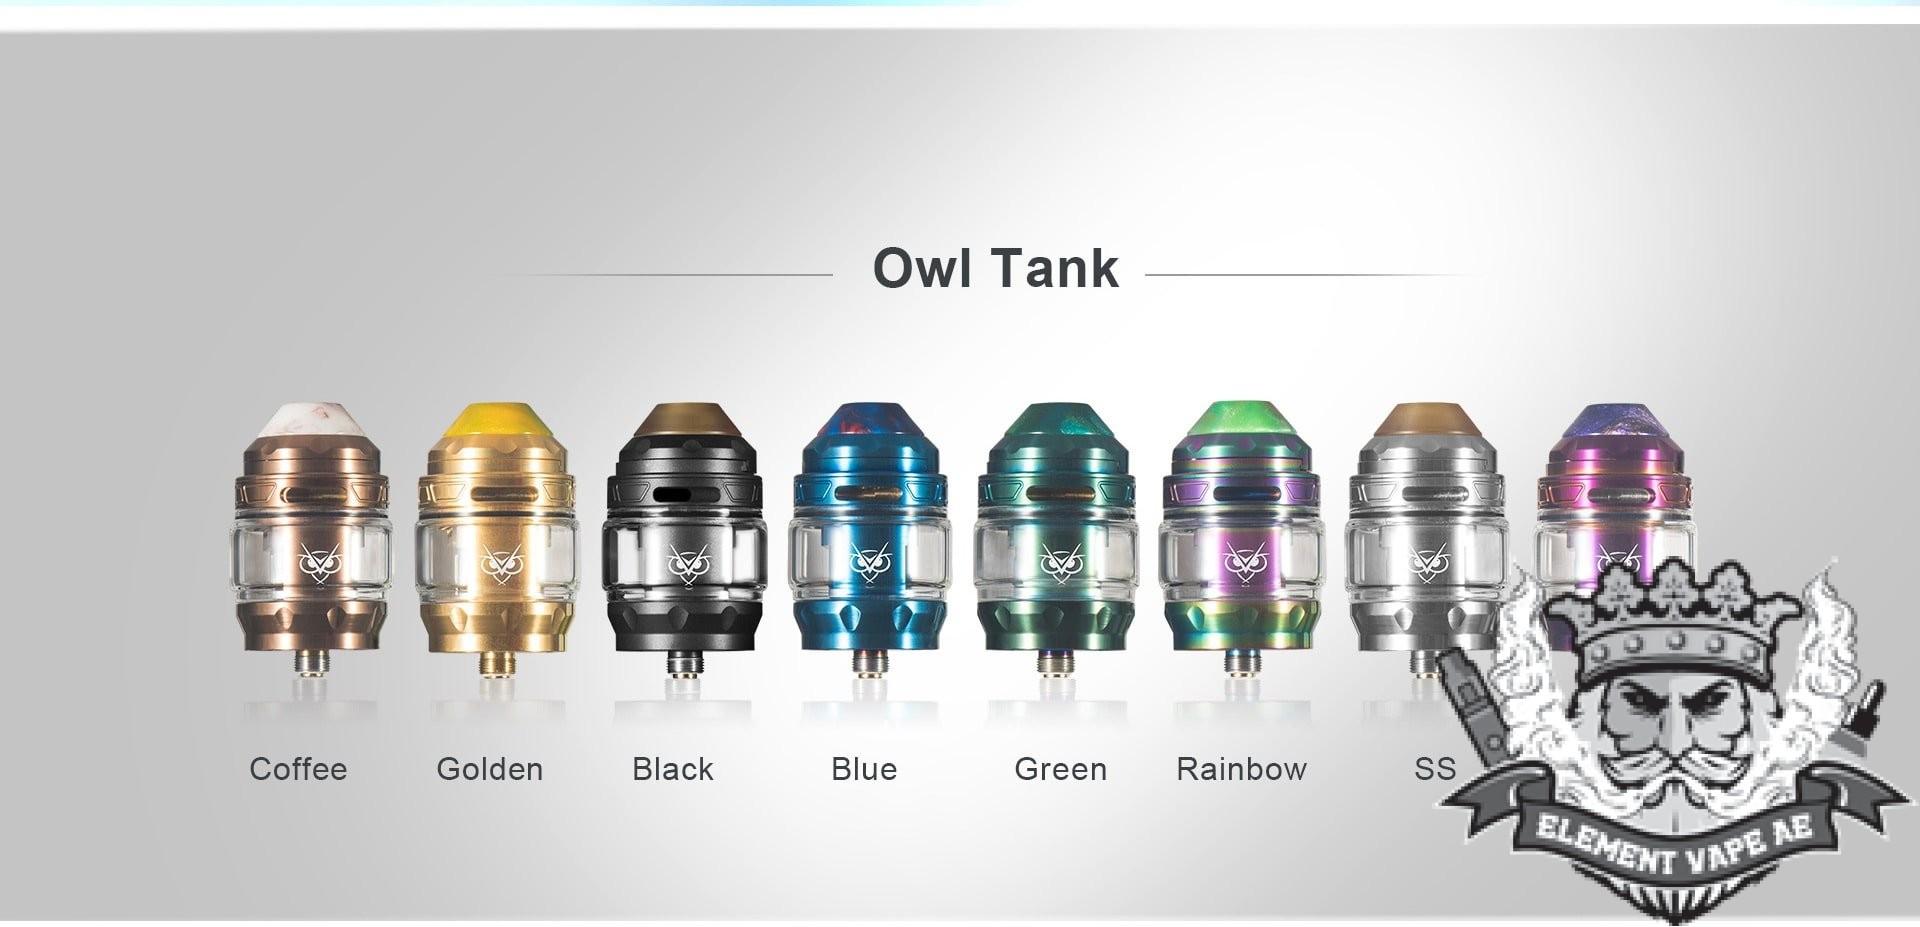 advken owl tank 02 1